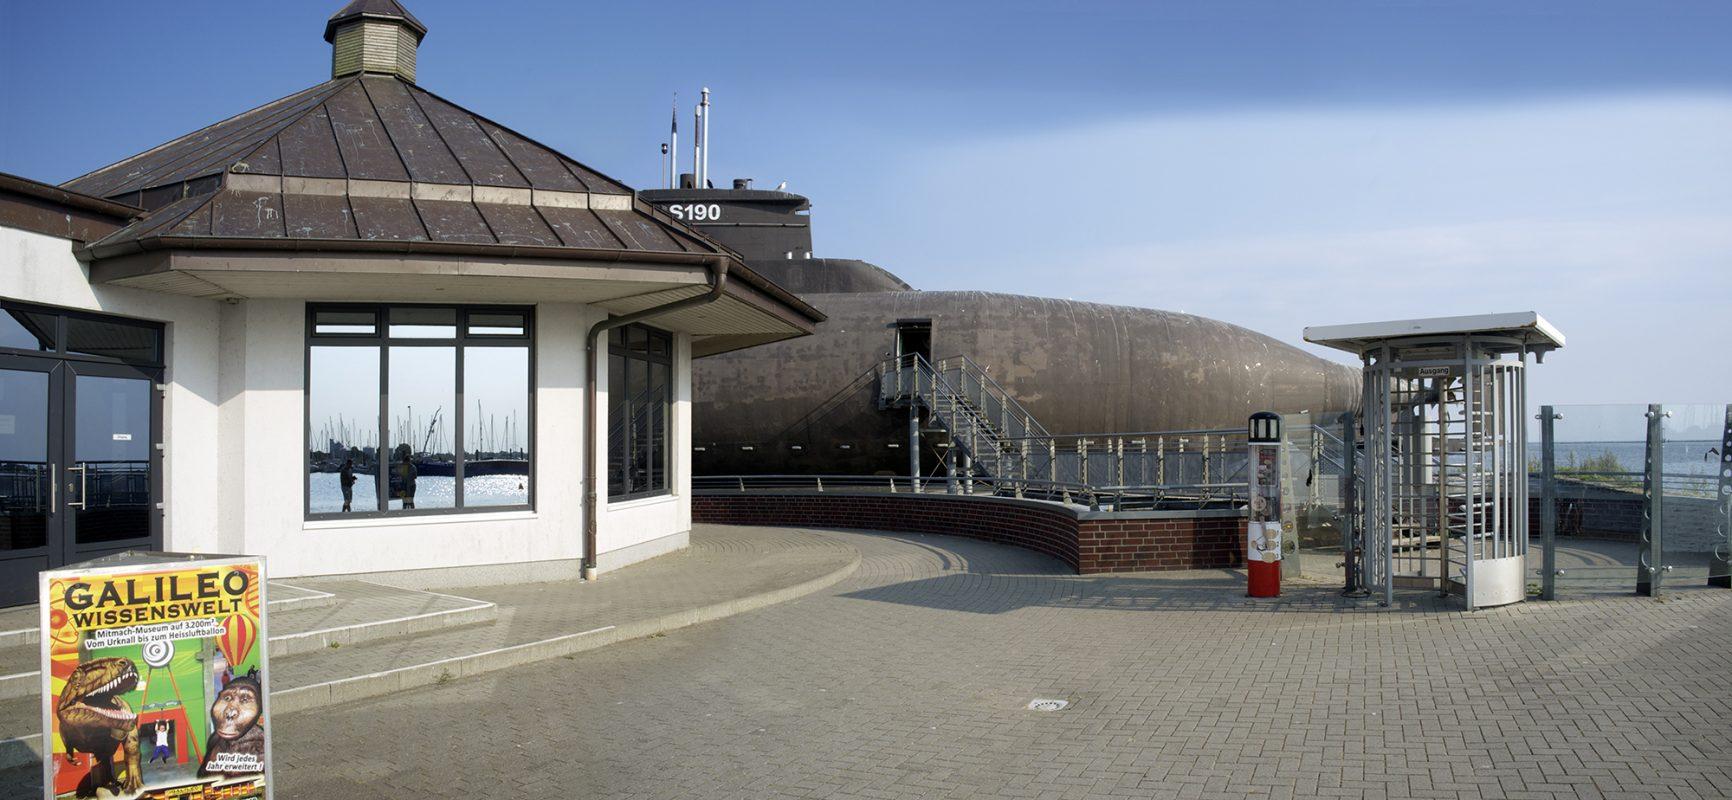 Fehmarn, U-Boot, Burg Hafen